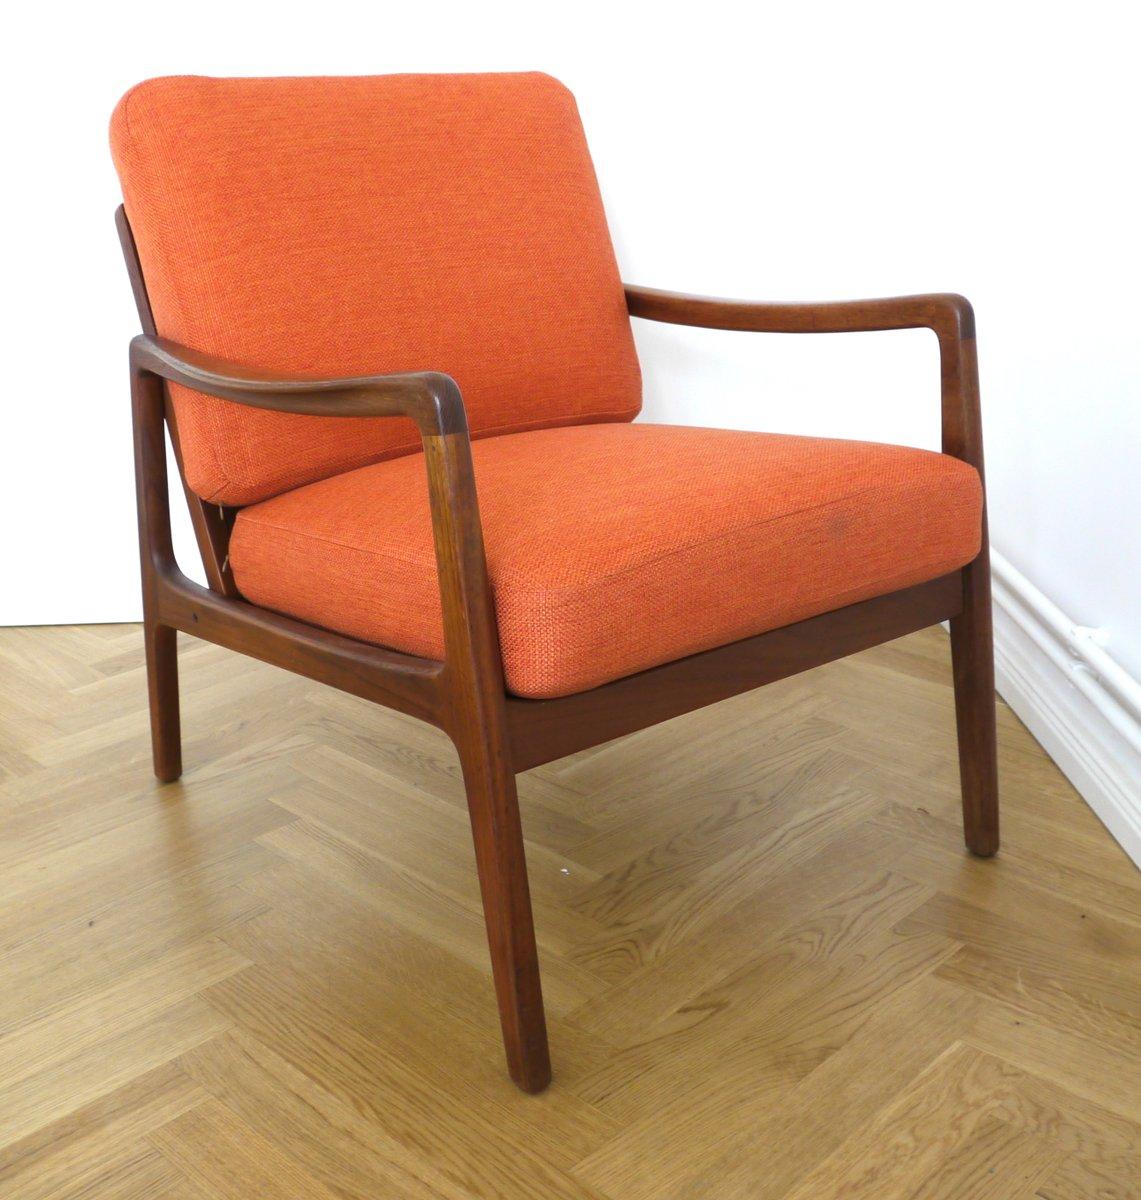 Oranger Mid-Century FD109 Teak Sessel von Ole Wanscher für France & Sø...